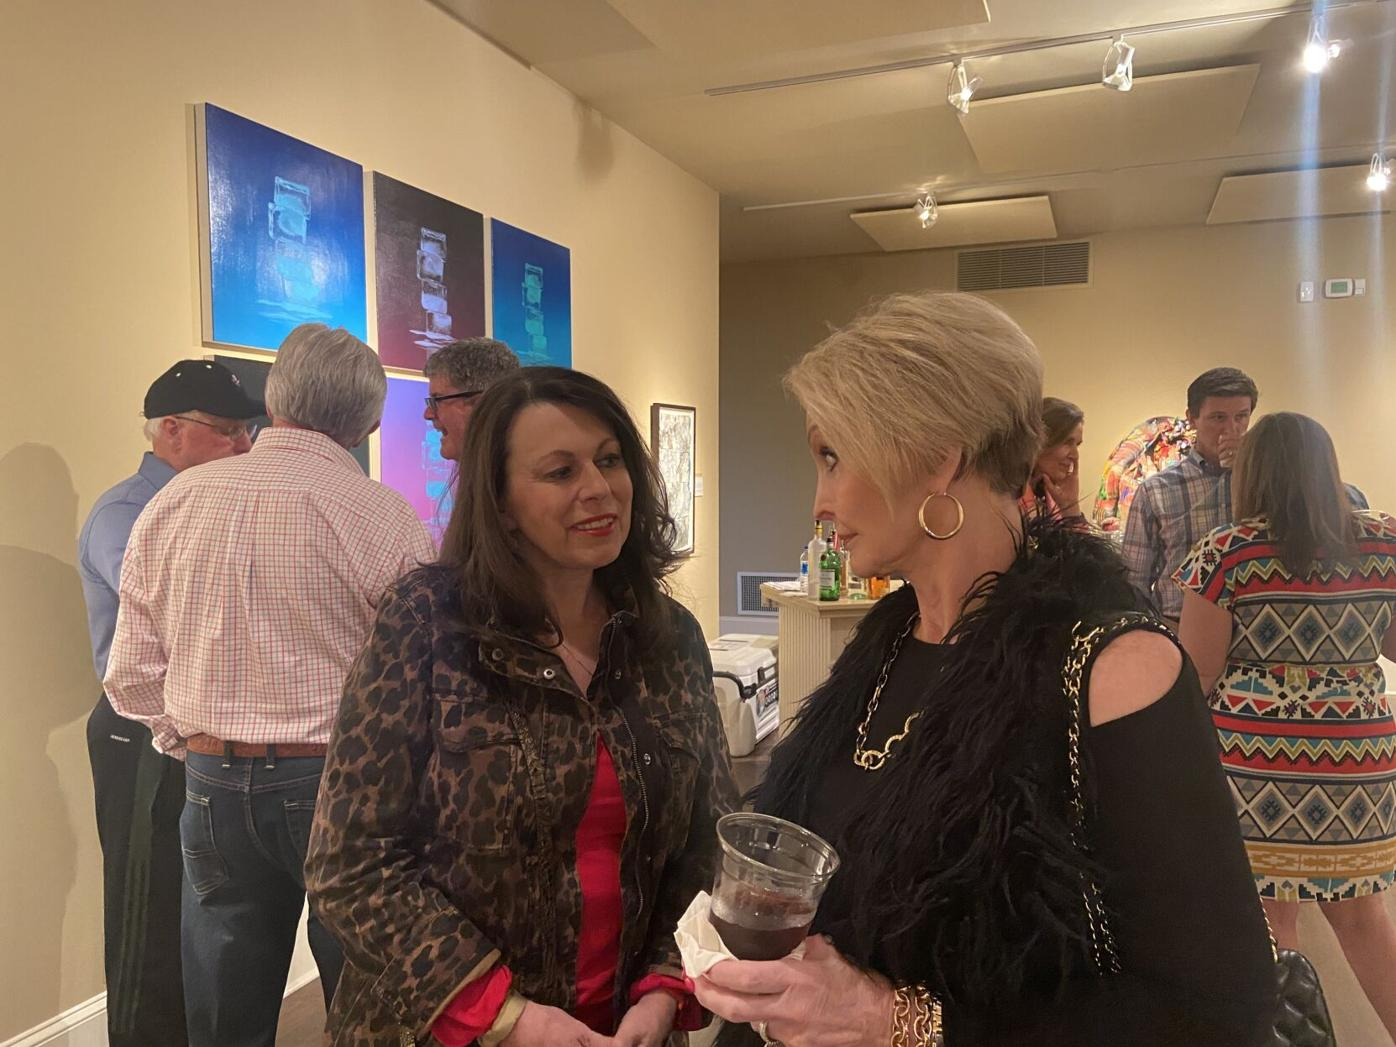 Marietta Cobb Museum of Art's Martinis and Music